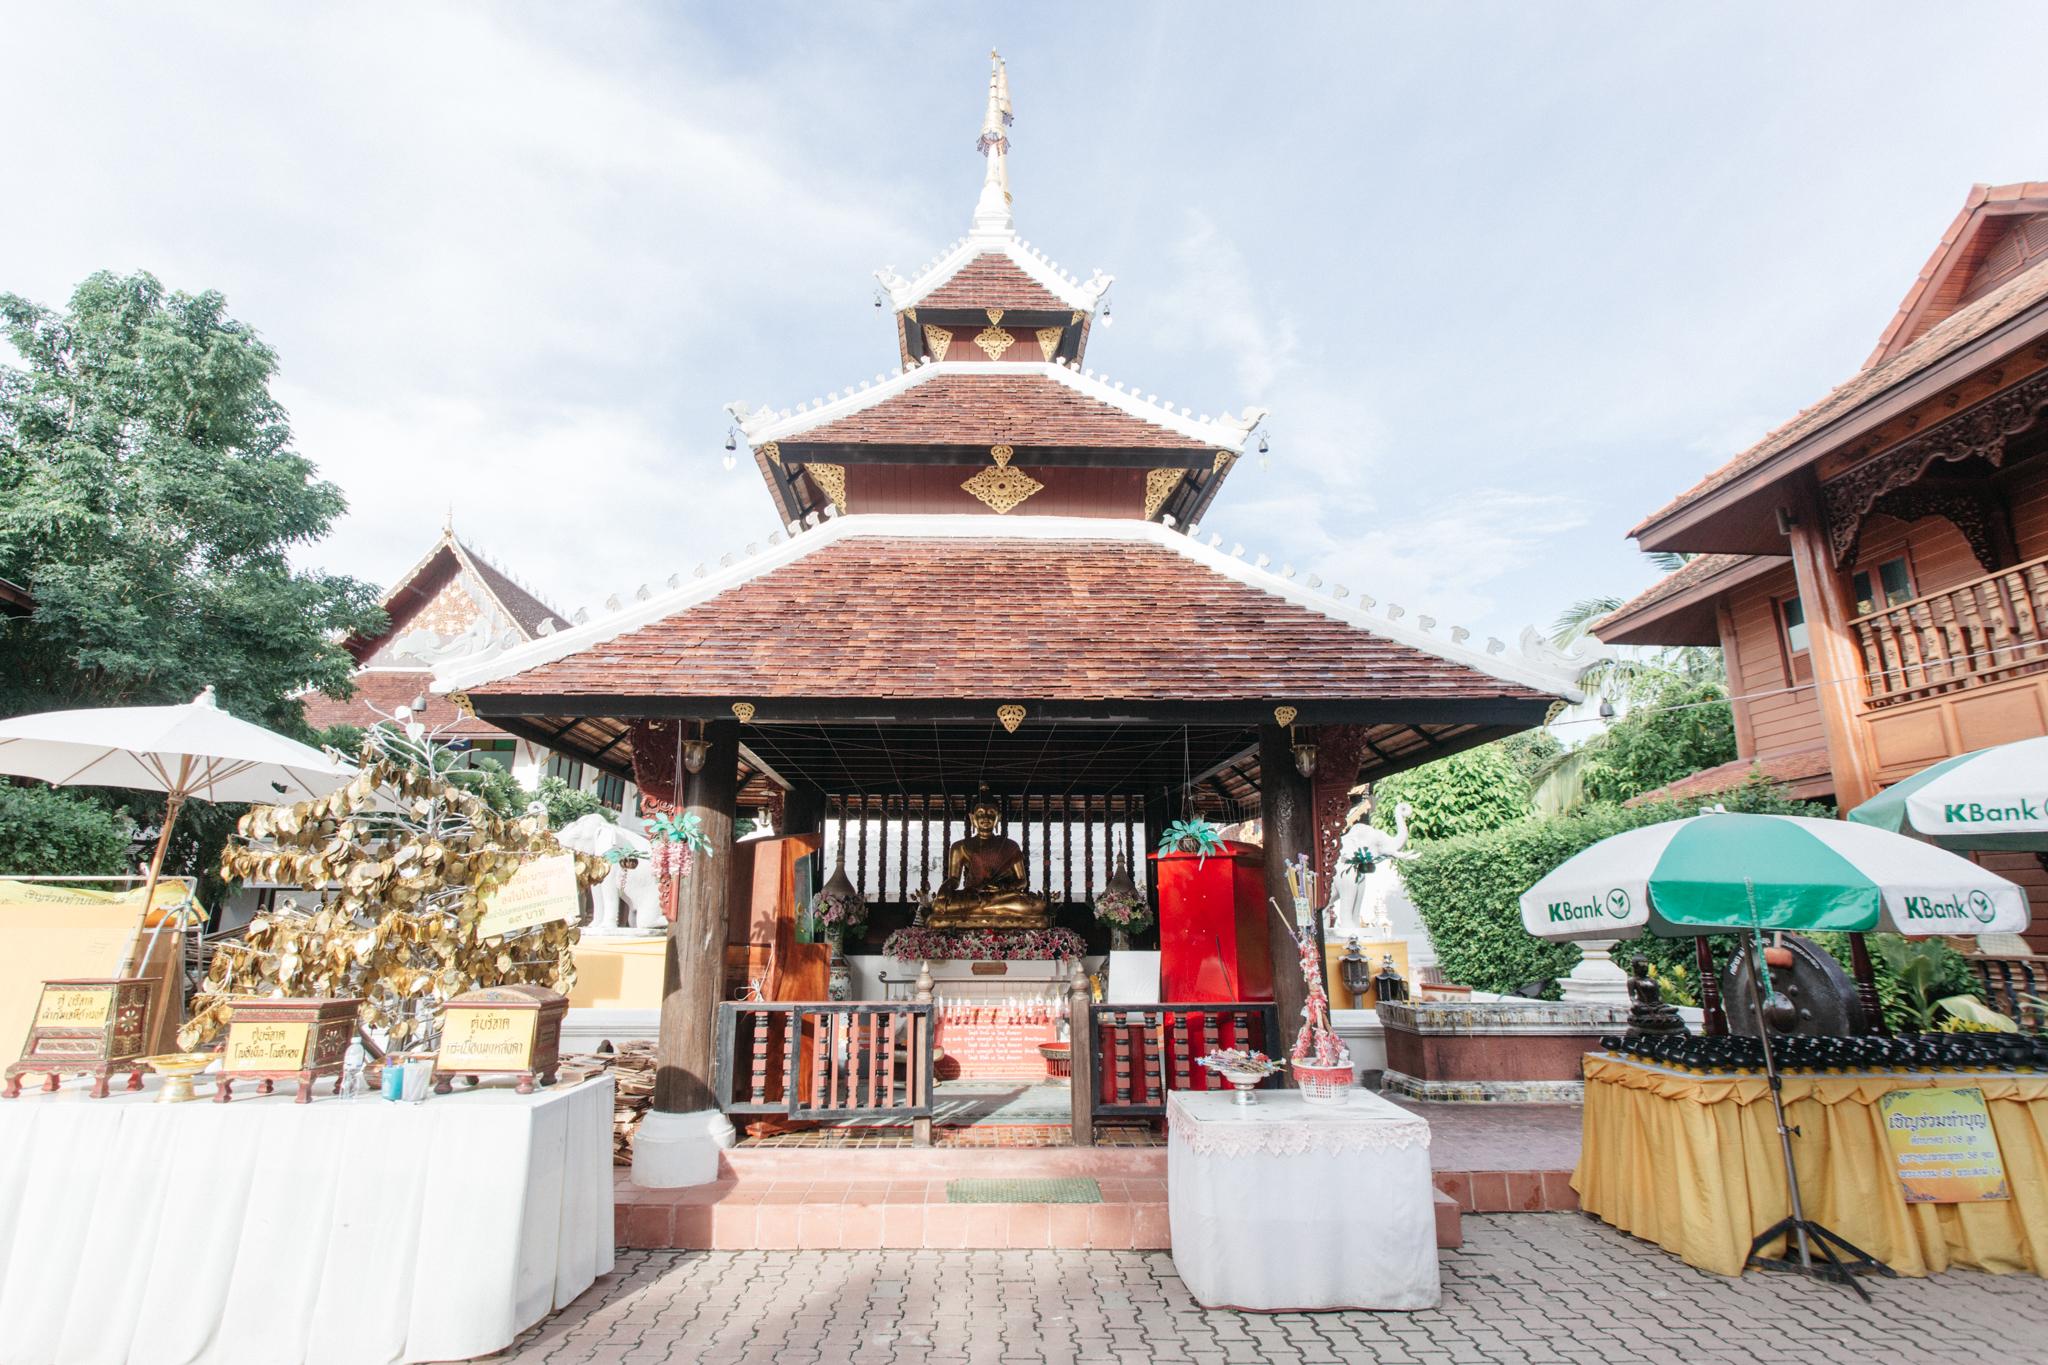 Onde Trocar Dinheiro Tailandia